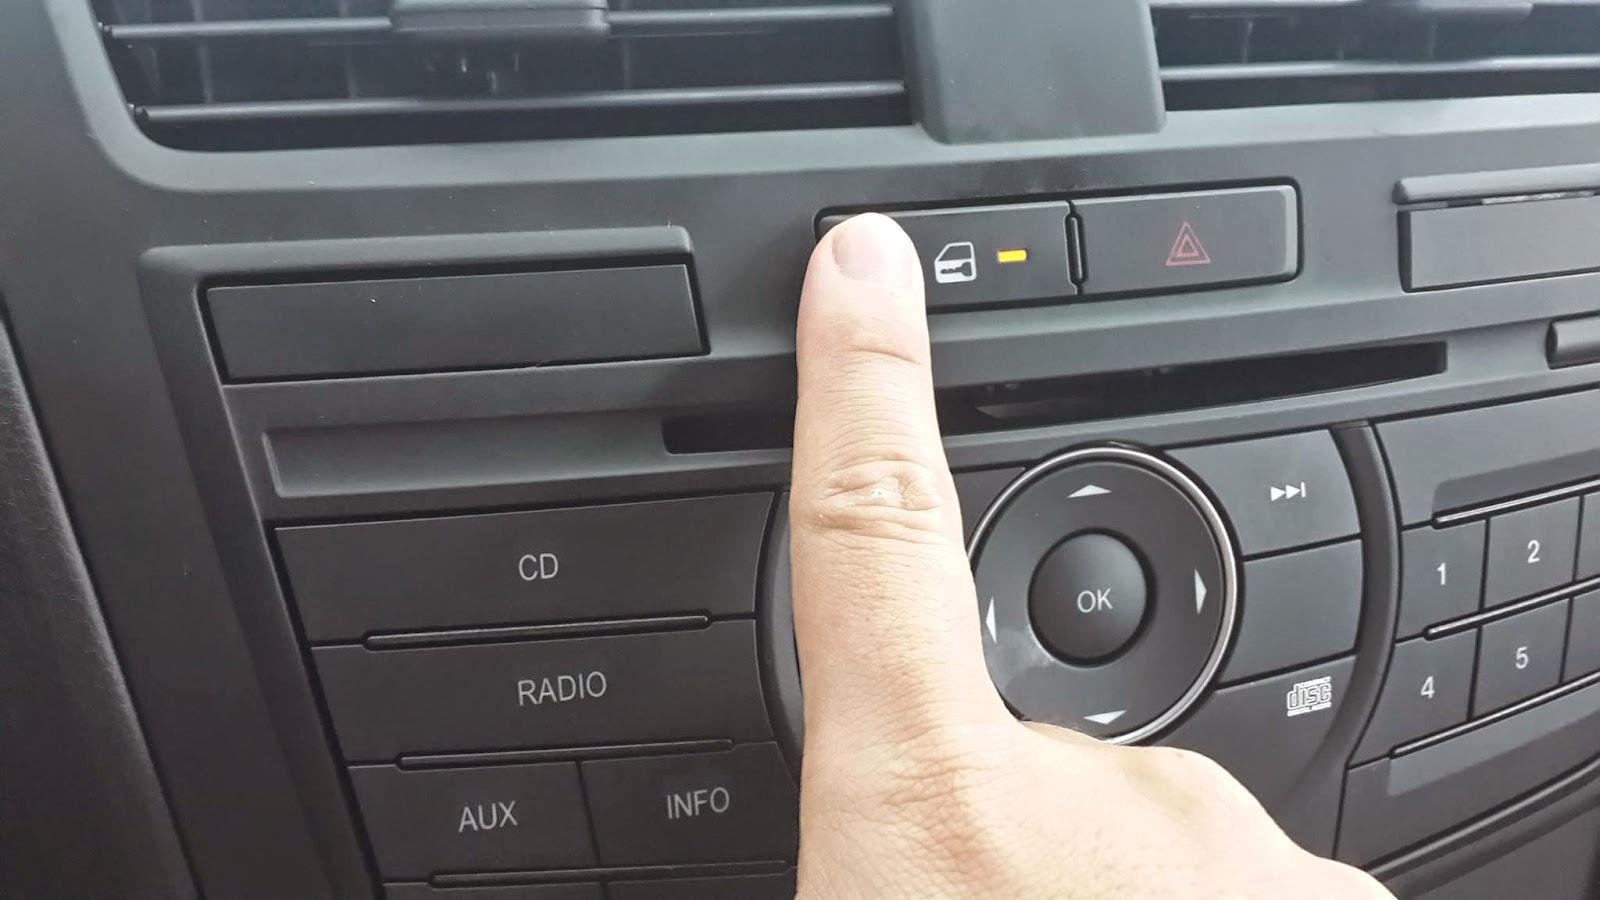 Hướng dẫn cài khóa cửa tự động Mazda BT-50| Cài đặt khóa bằng tay Mazda BT-50| Cài khóa cửa tự động BT-50